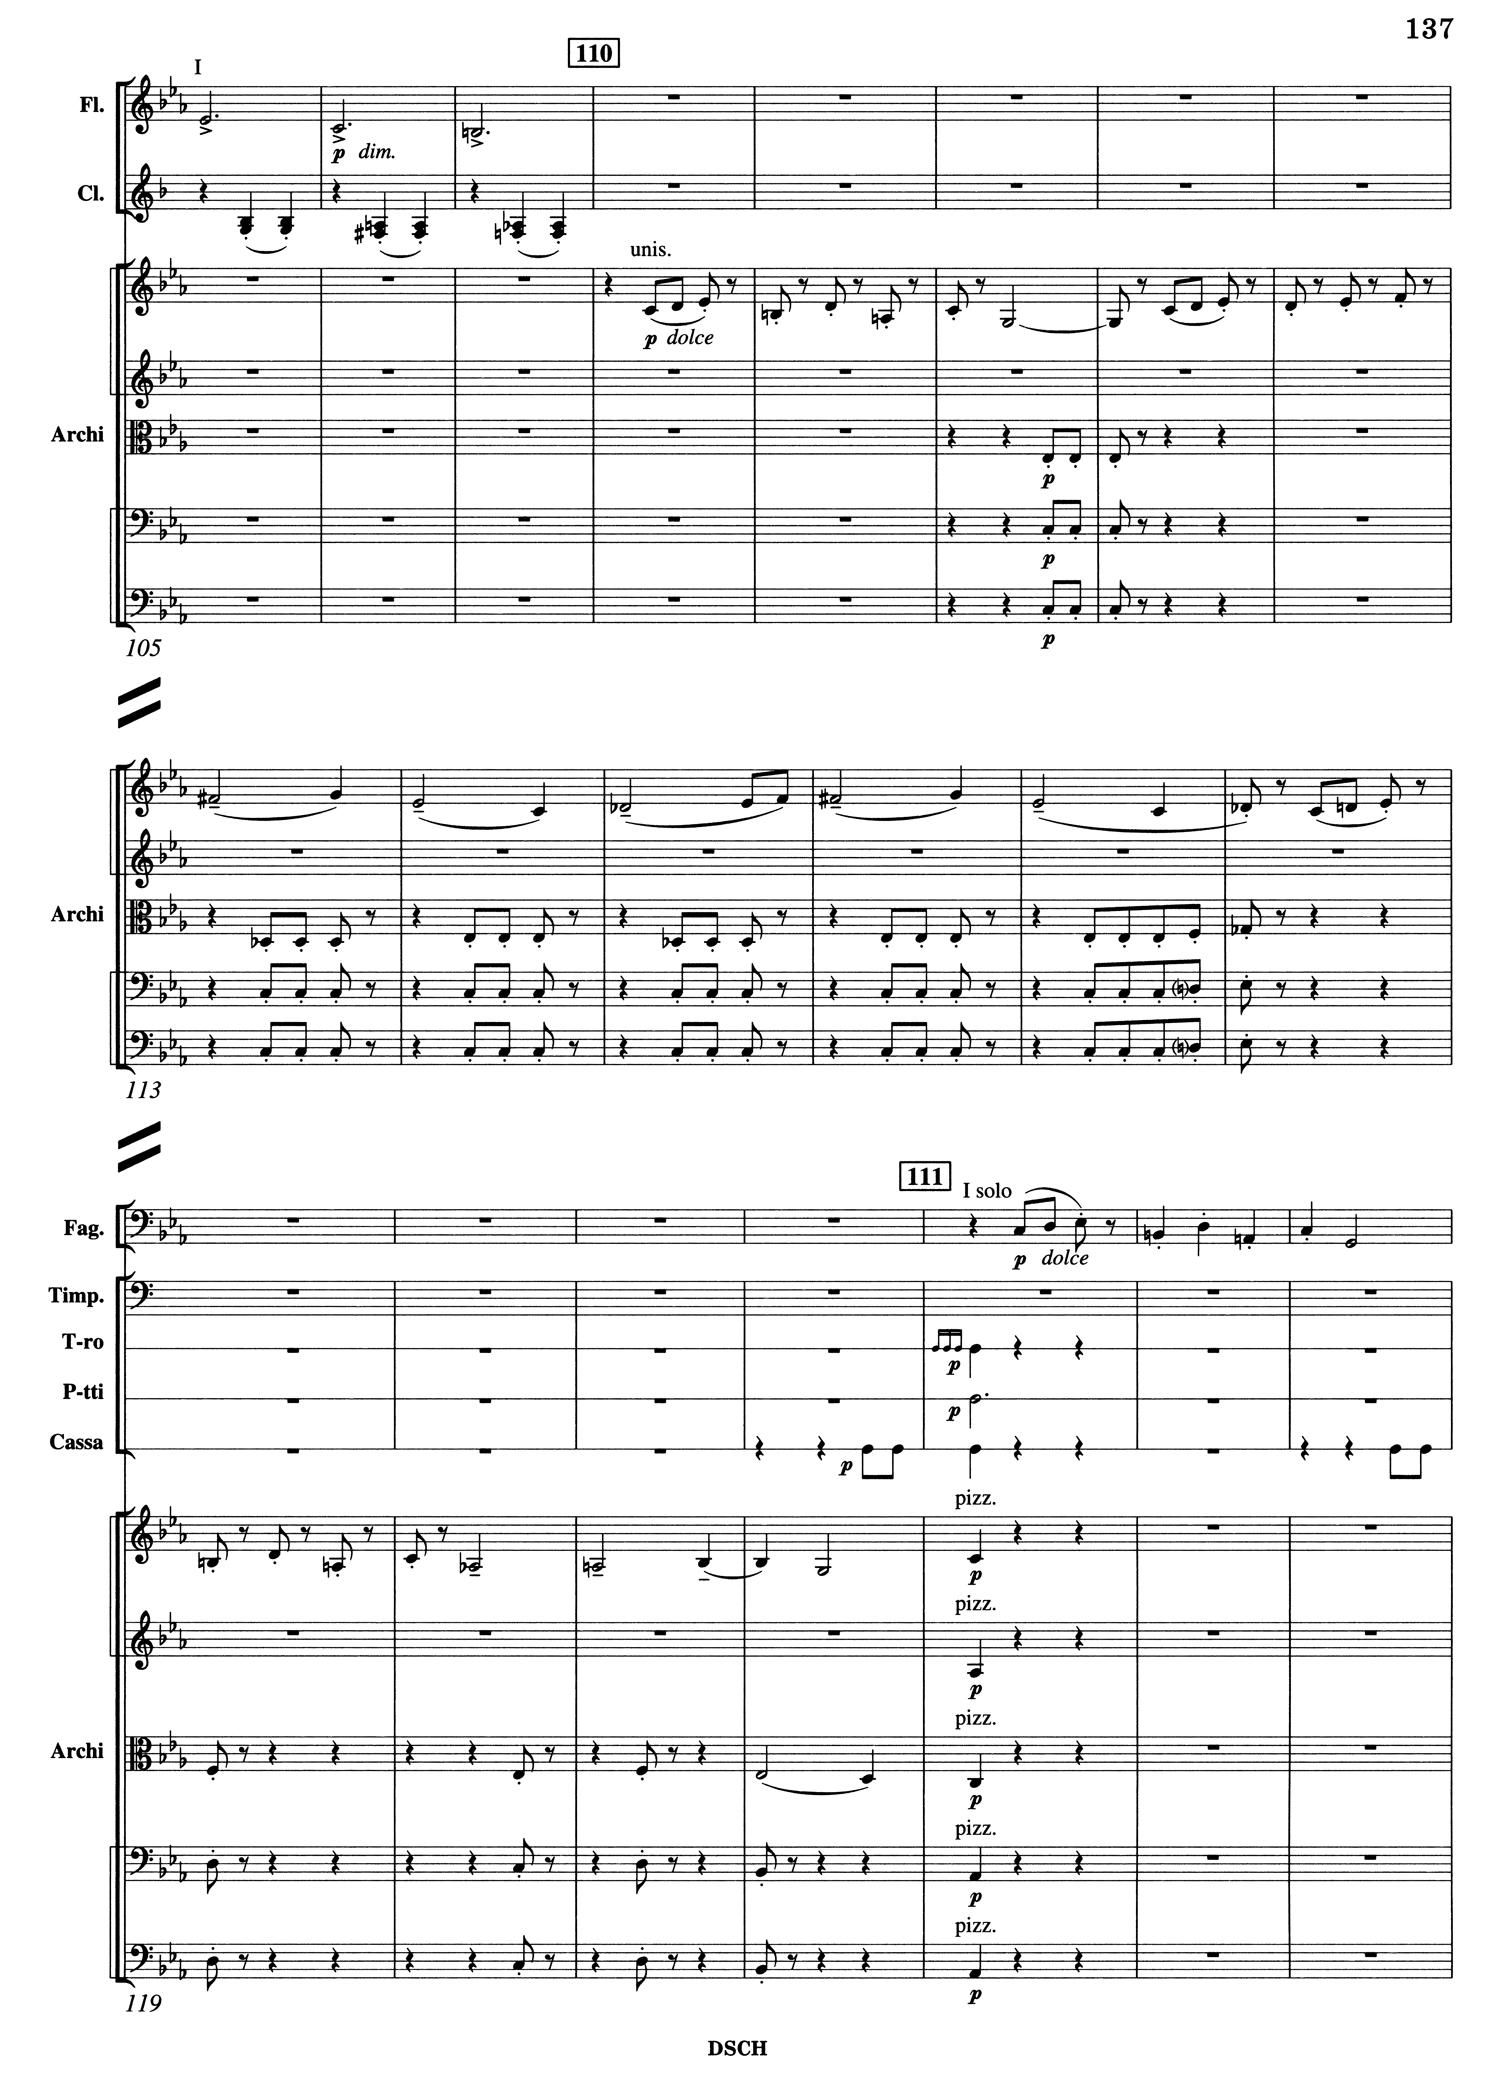 Shostakovich_10_Mvt_3_Score_1.jpg